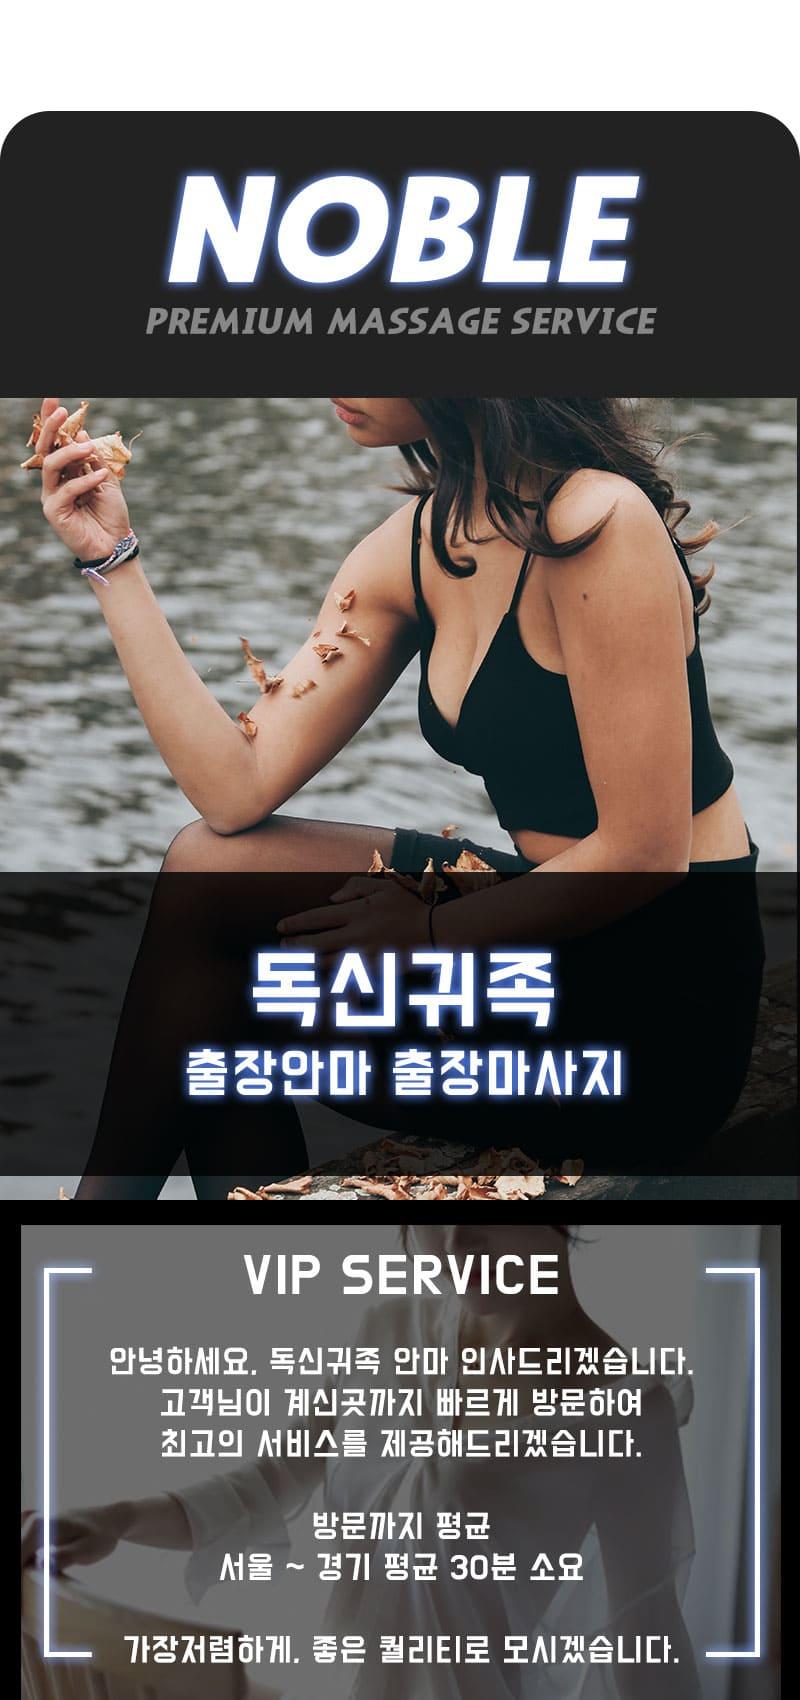 인덕원출장안마 소개